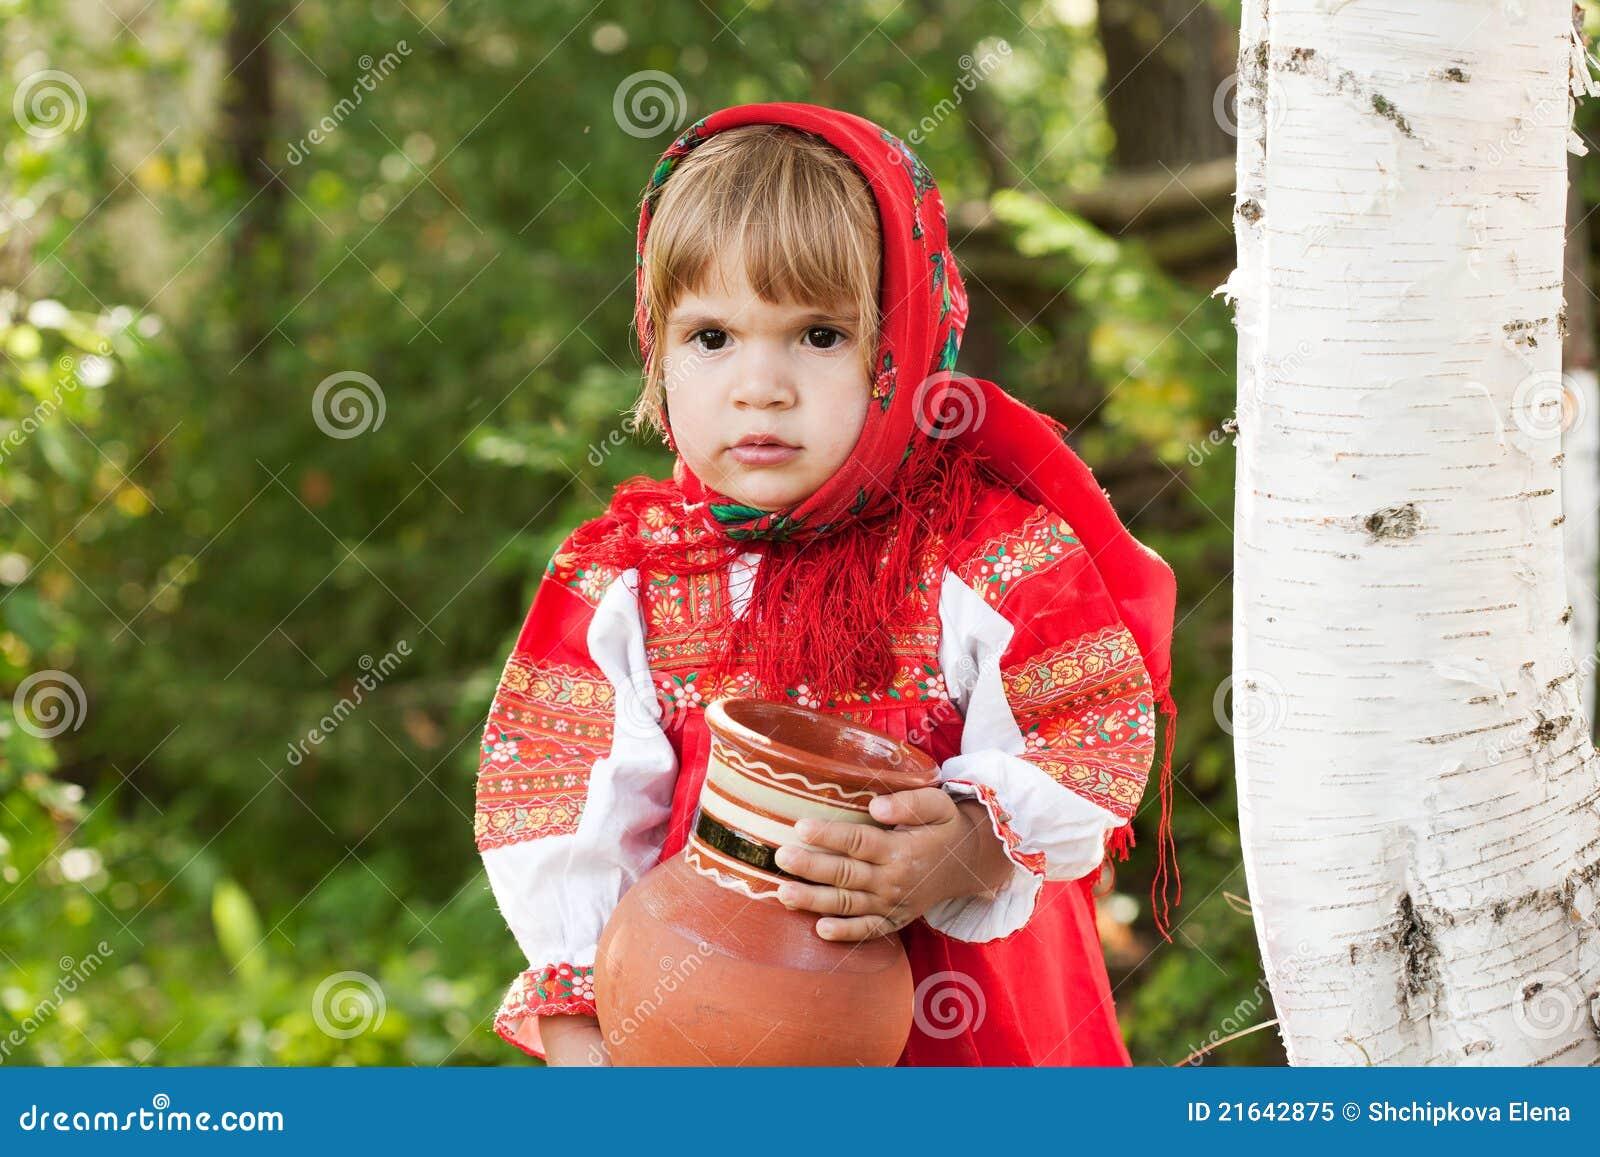 Русские девушки с игрушками 13 фотография